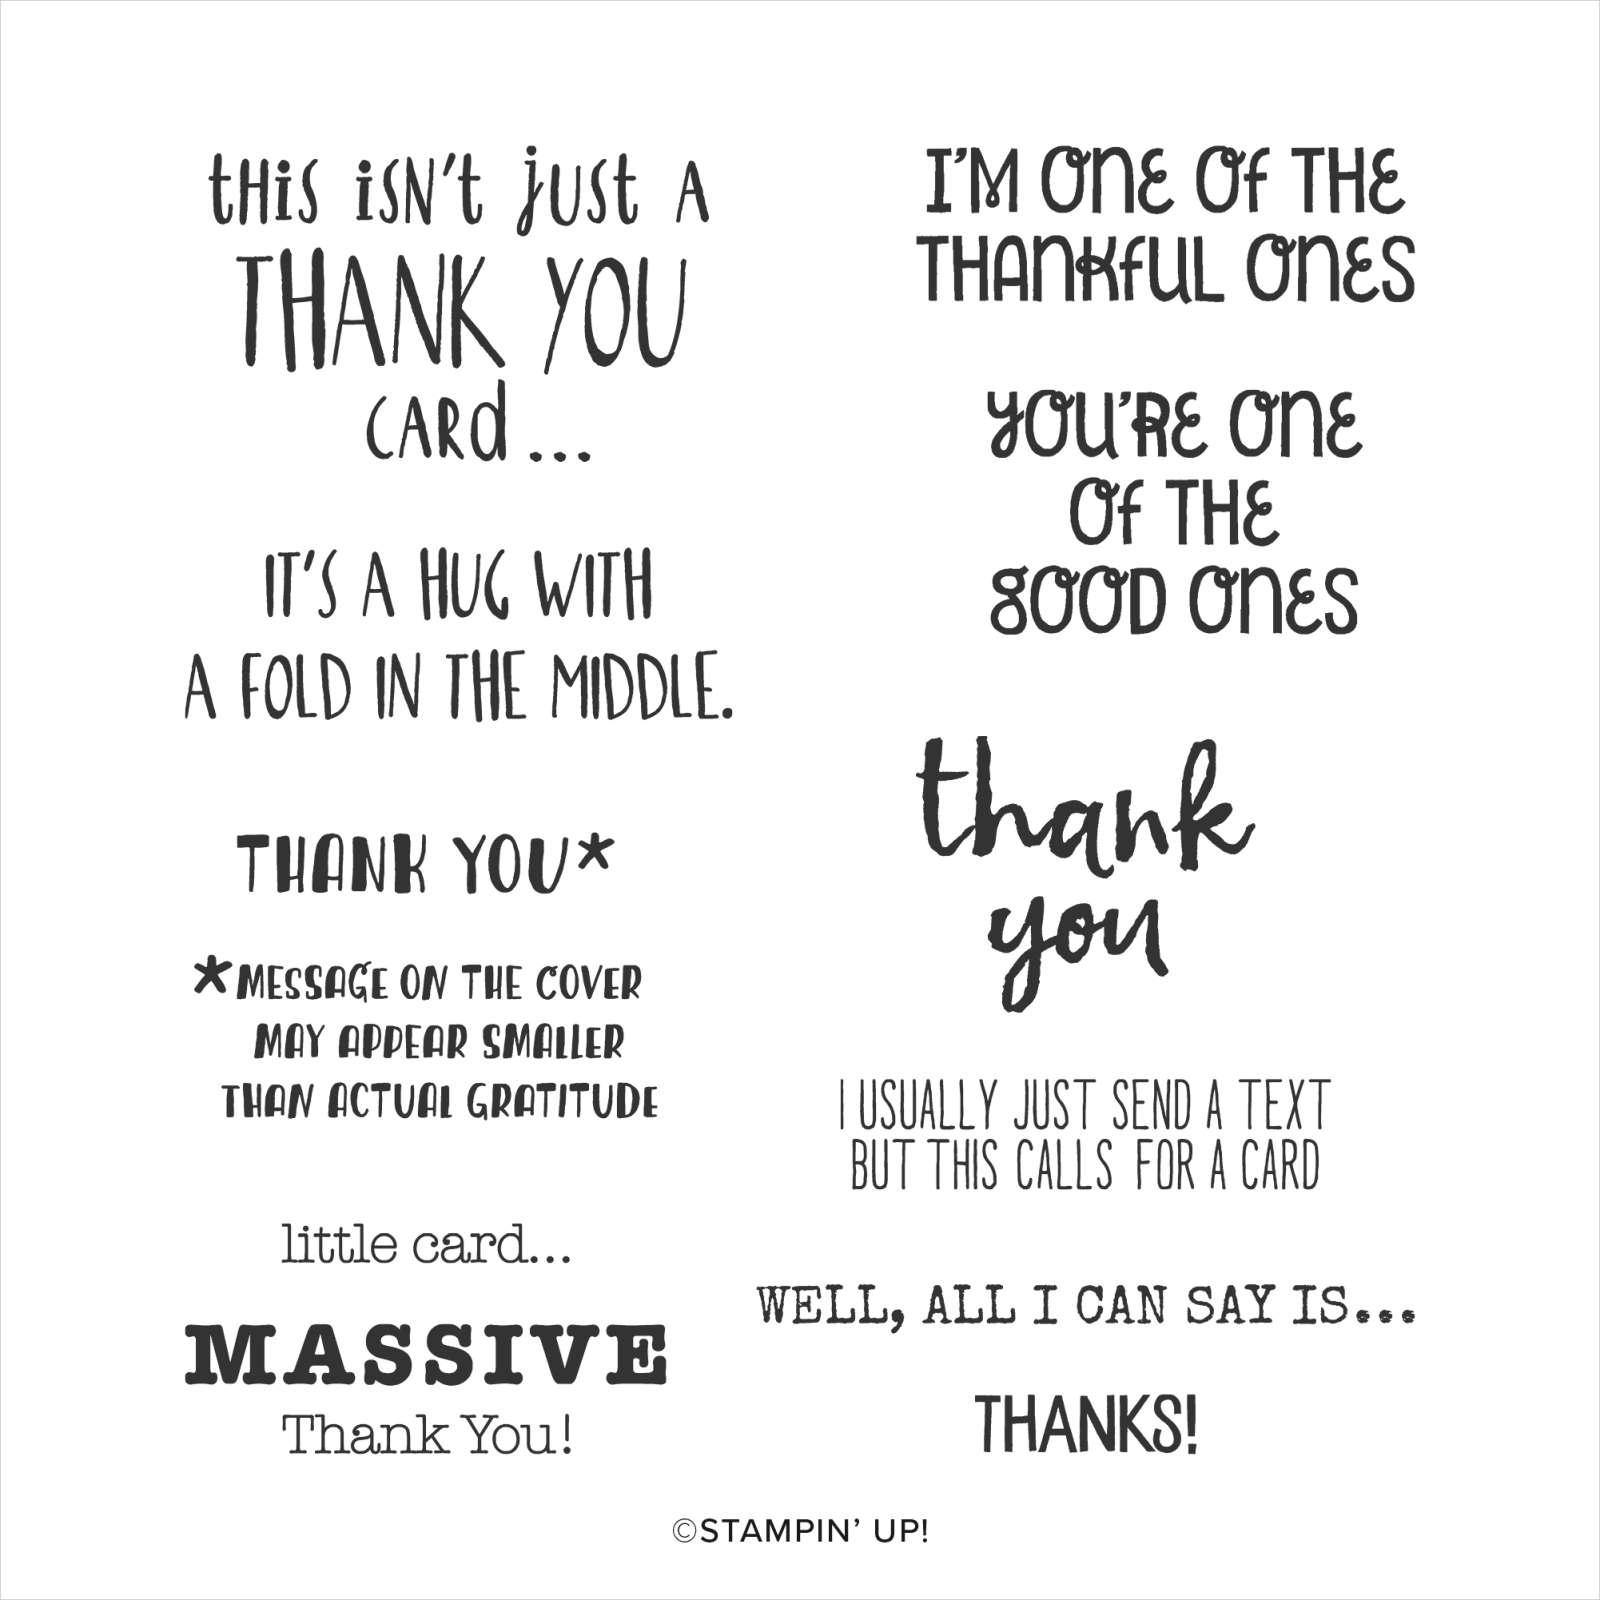 CLINGSTEMPELSET MASSIVE THANKS